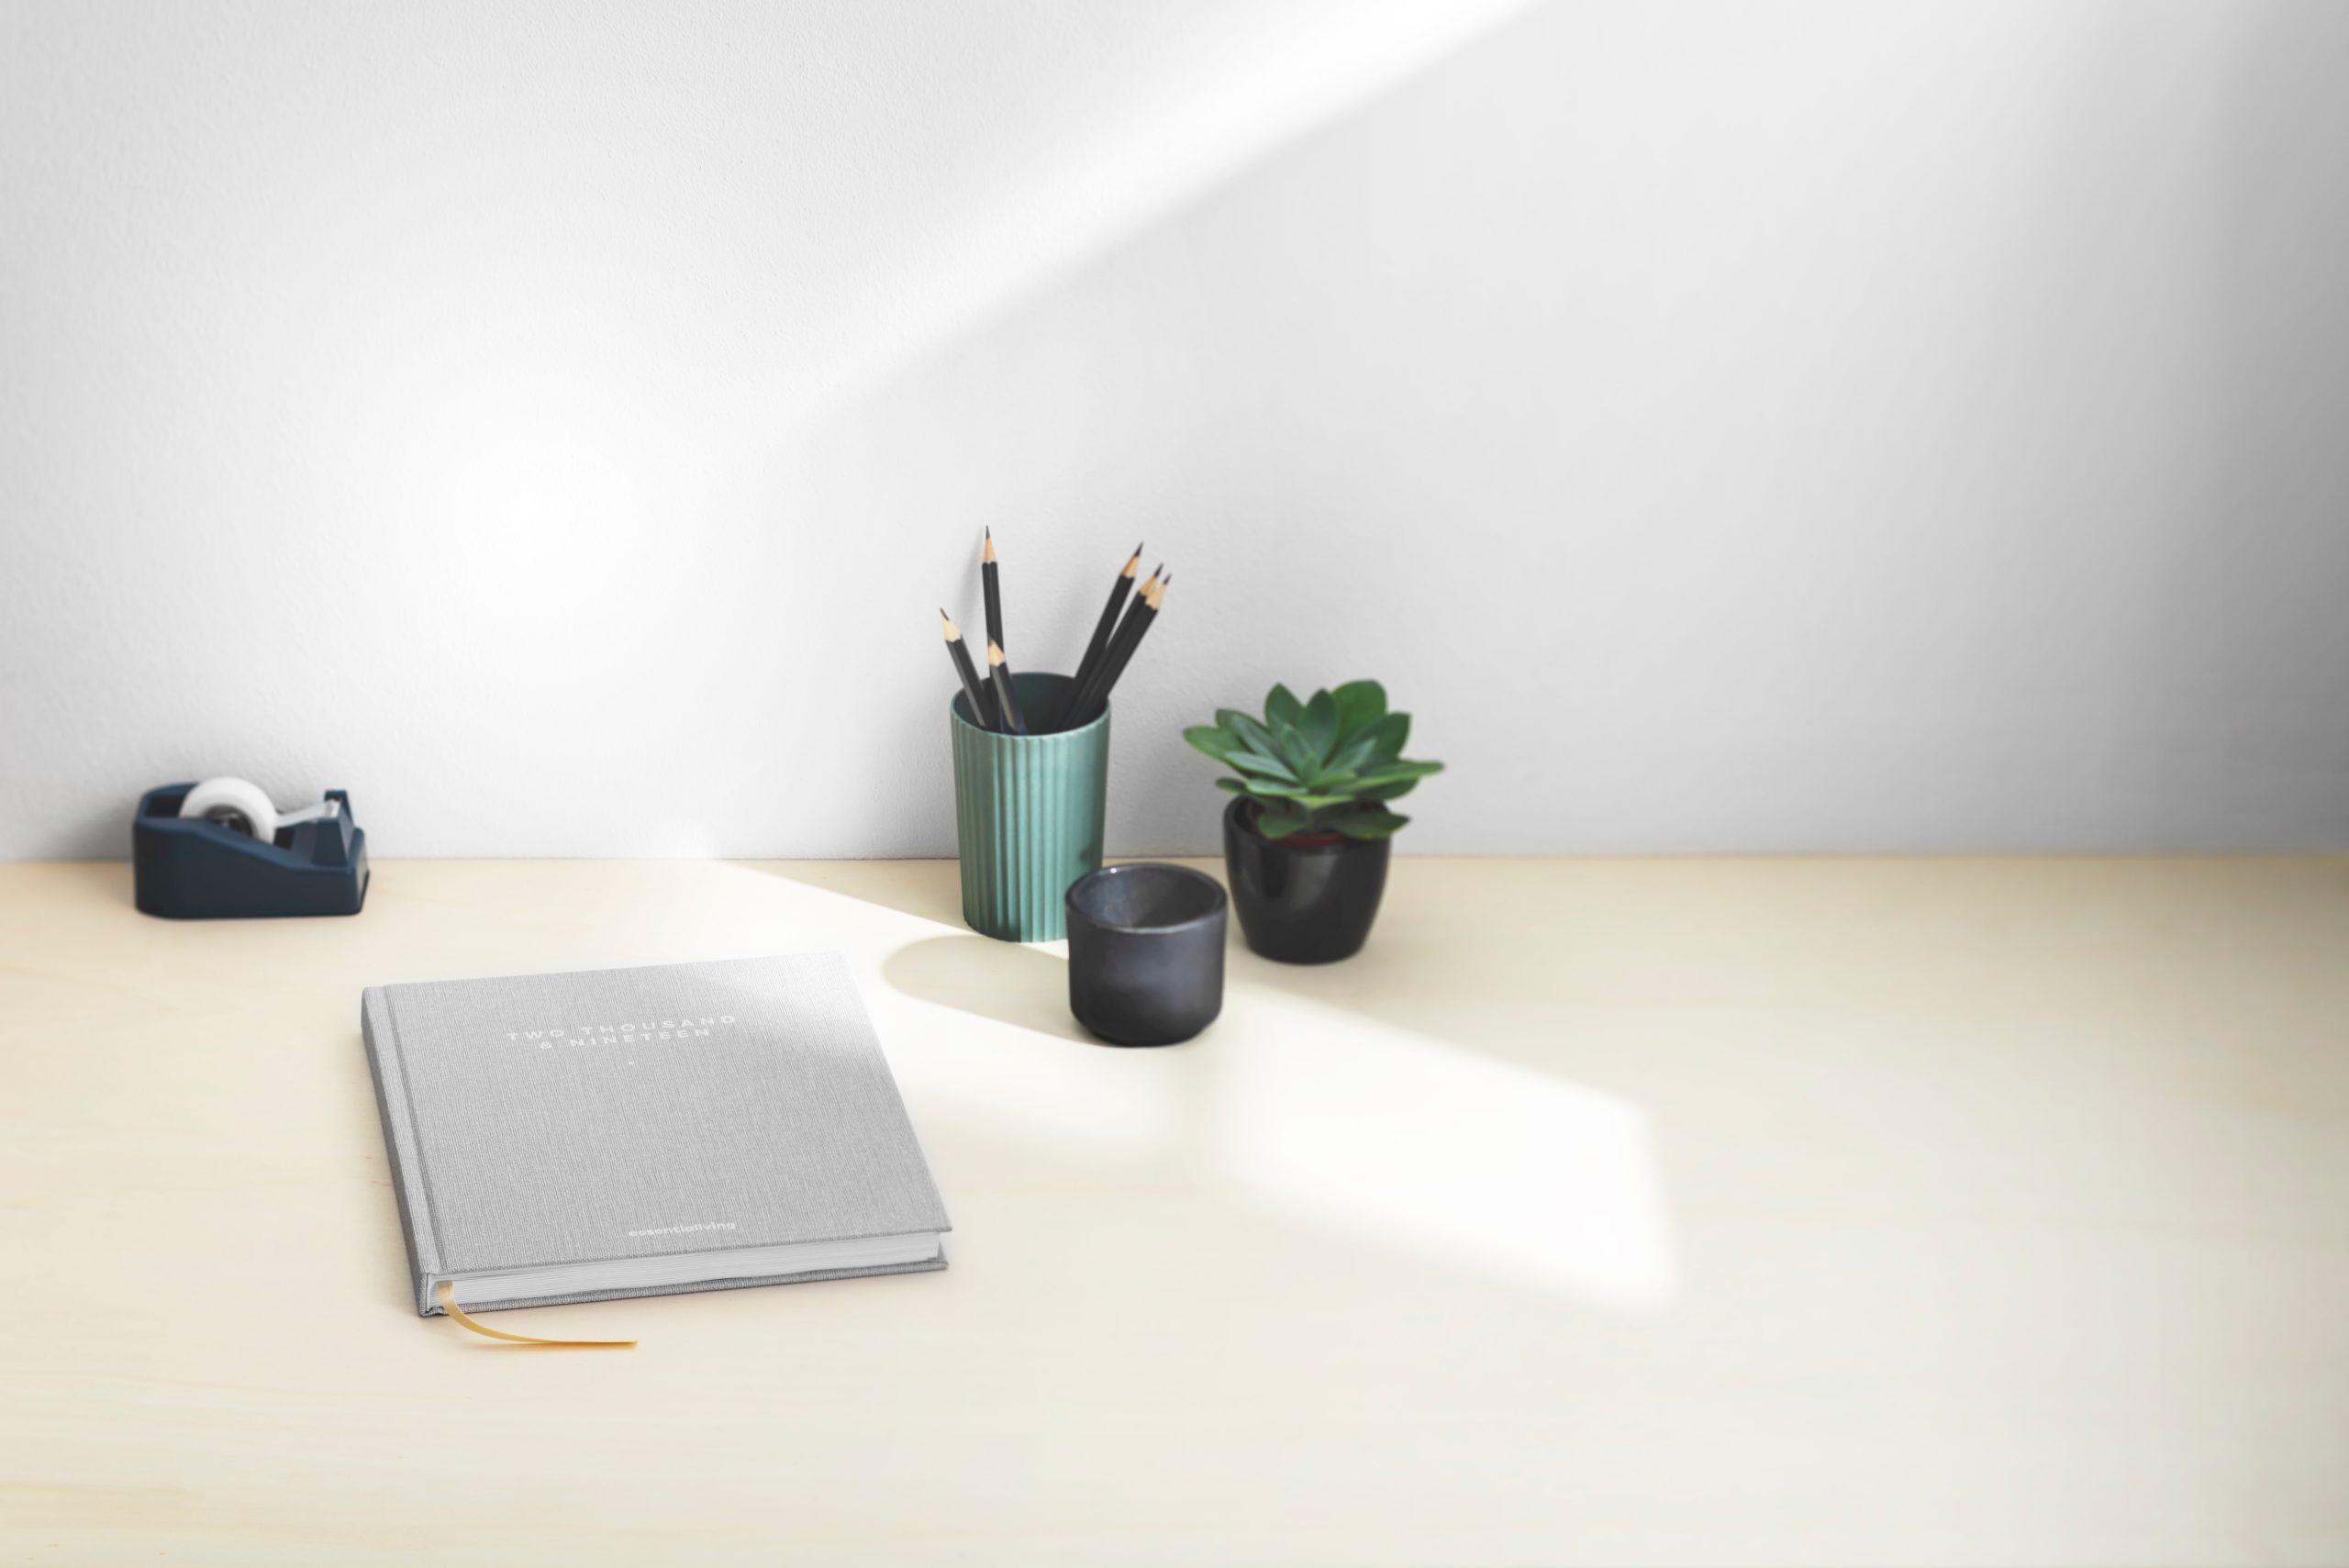 Home-Office kann einsam sein, aber auch gemütlich und produktiv. Foto von Essentialiving auf Unsplash